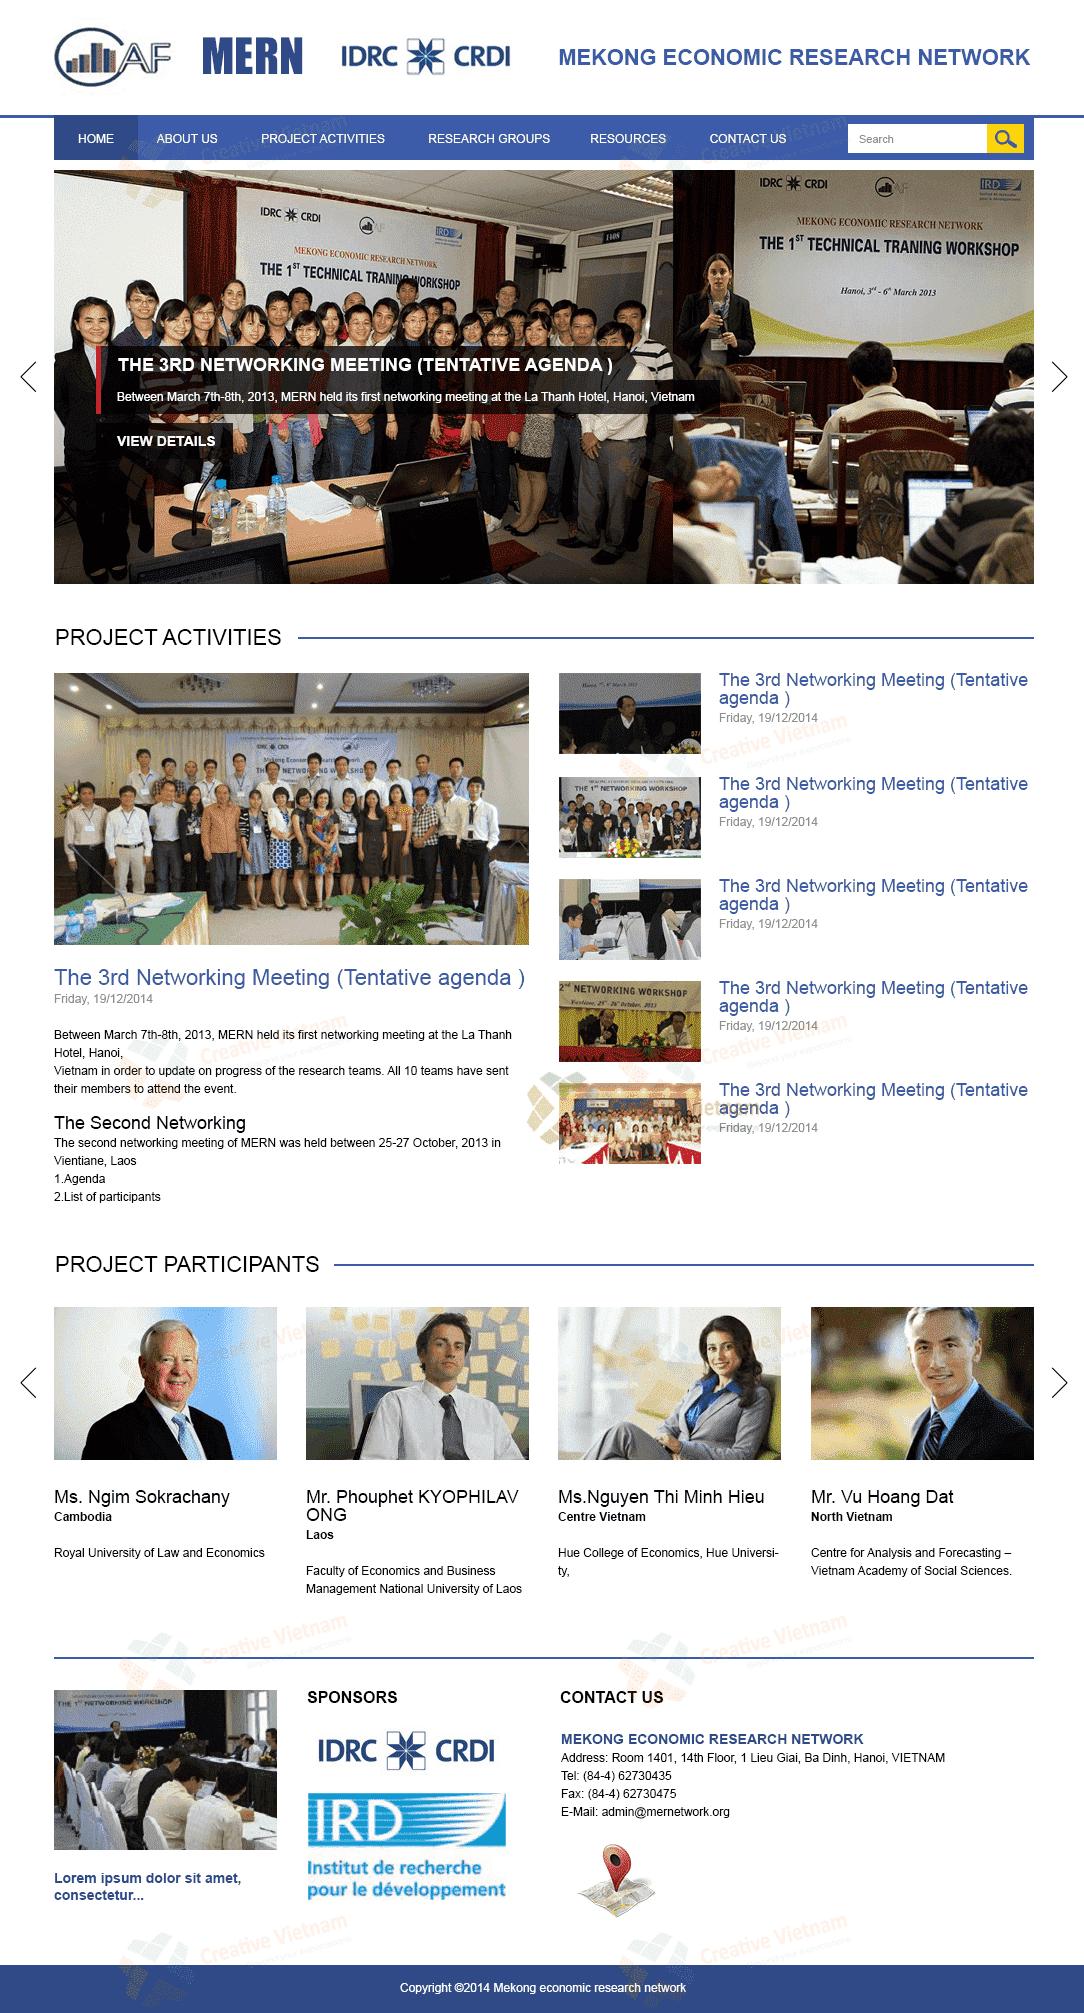 Thiết kế Website Dự Án kinh tế MERN